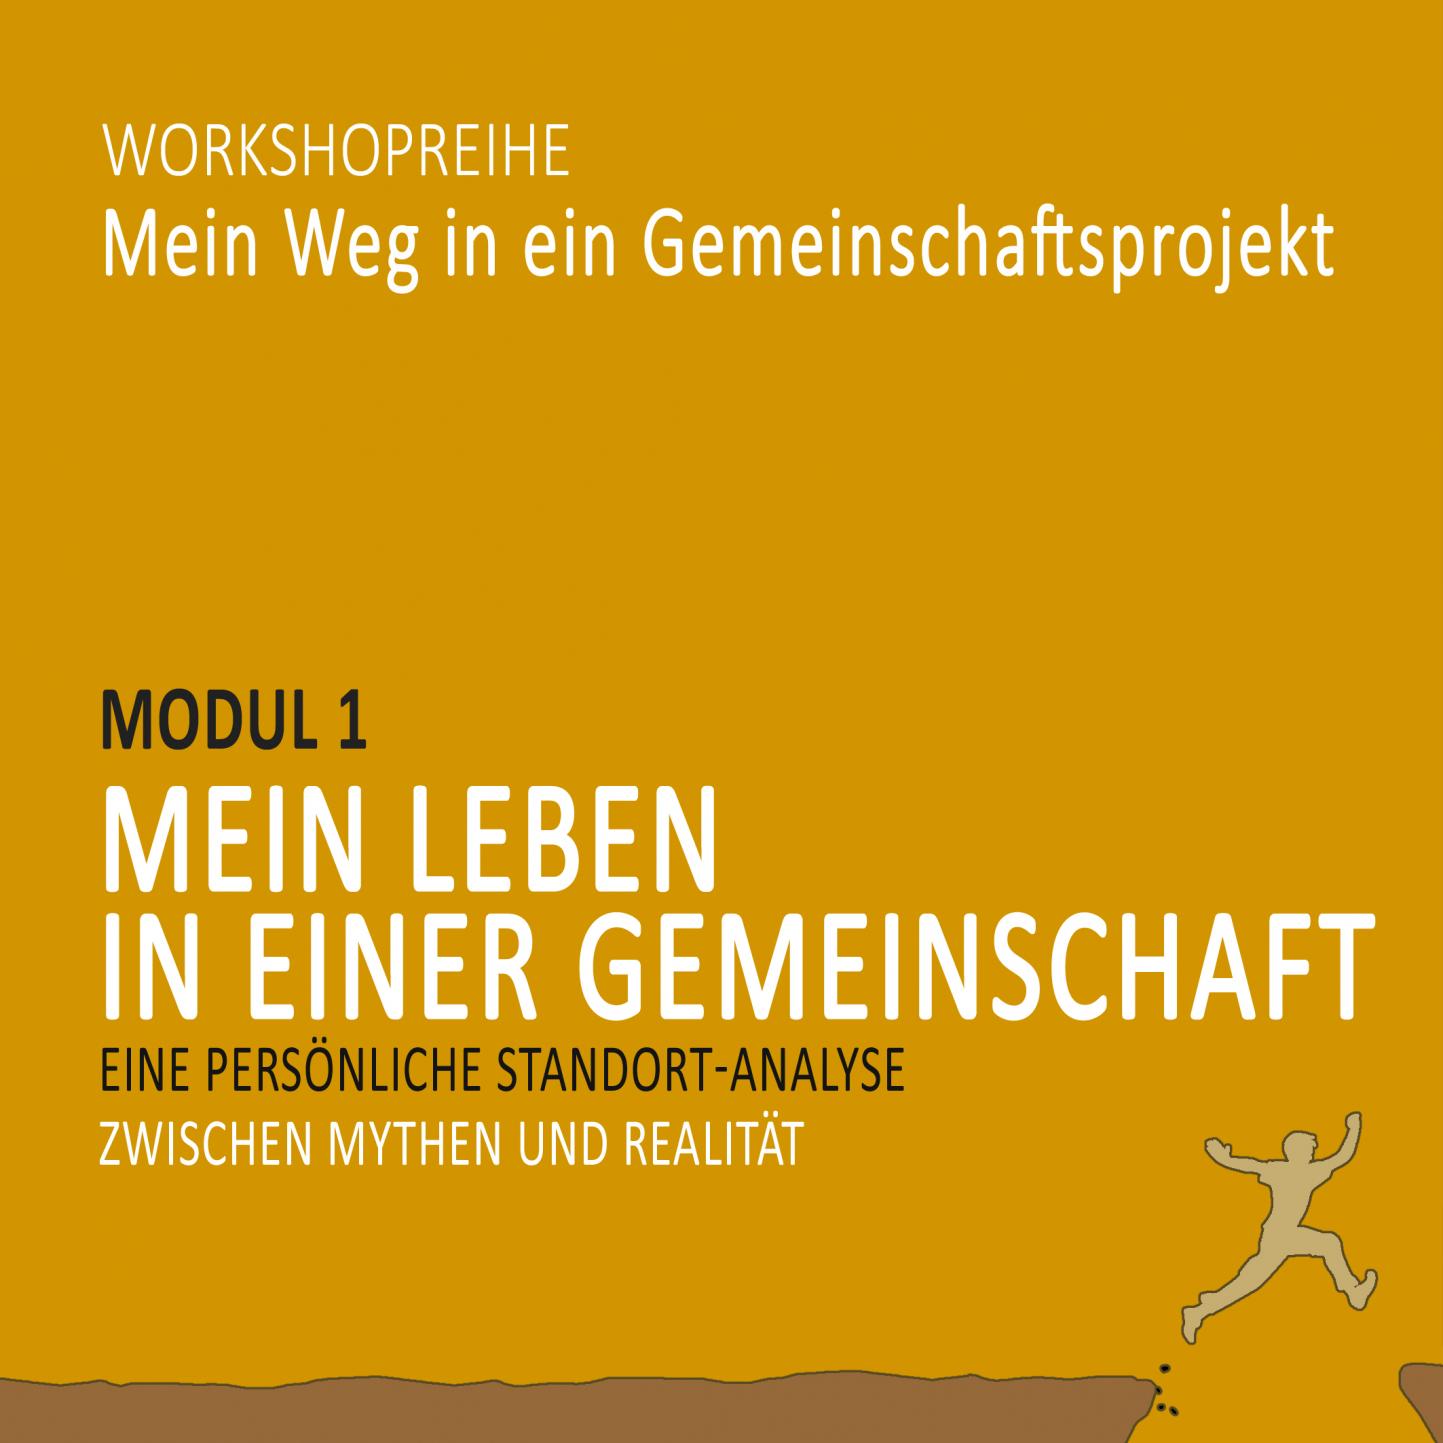 Mein Leben in einer Gemeinschaft: Workshop Modul 1 der Reihe »Mein Weg in ein Gemeinschaftsprojekt«